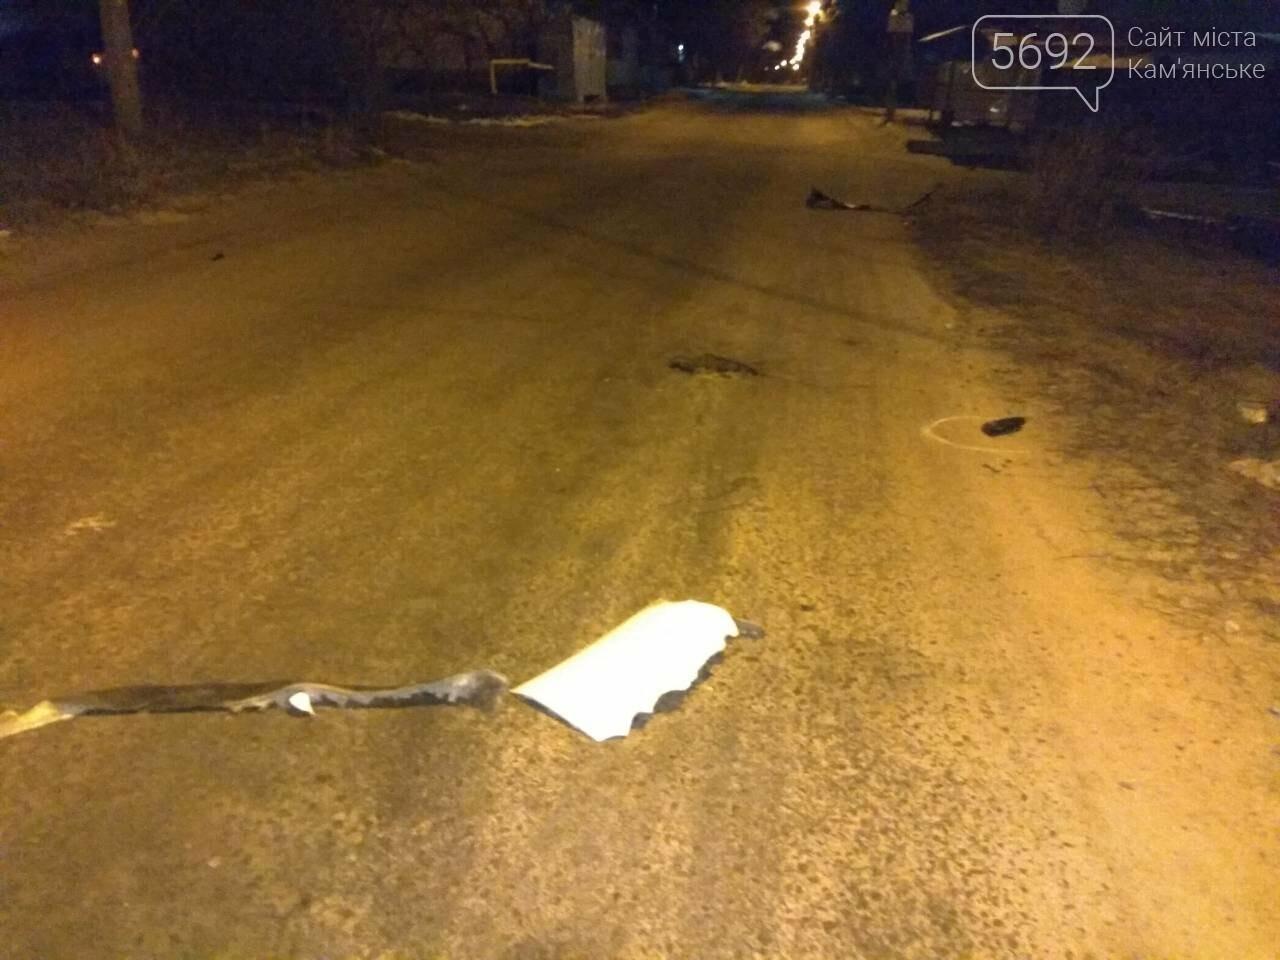 Сбил и скрылся: в Каменском в ДТП пострадала следователь полиции, фото-2